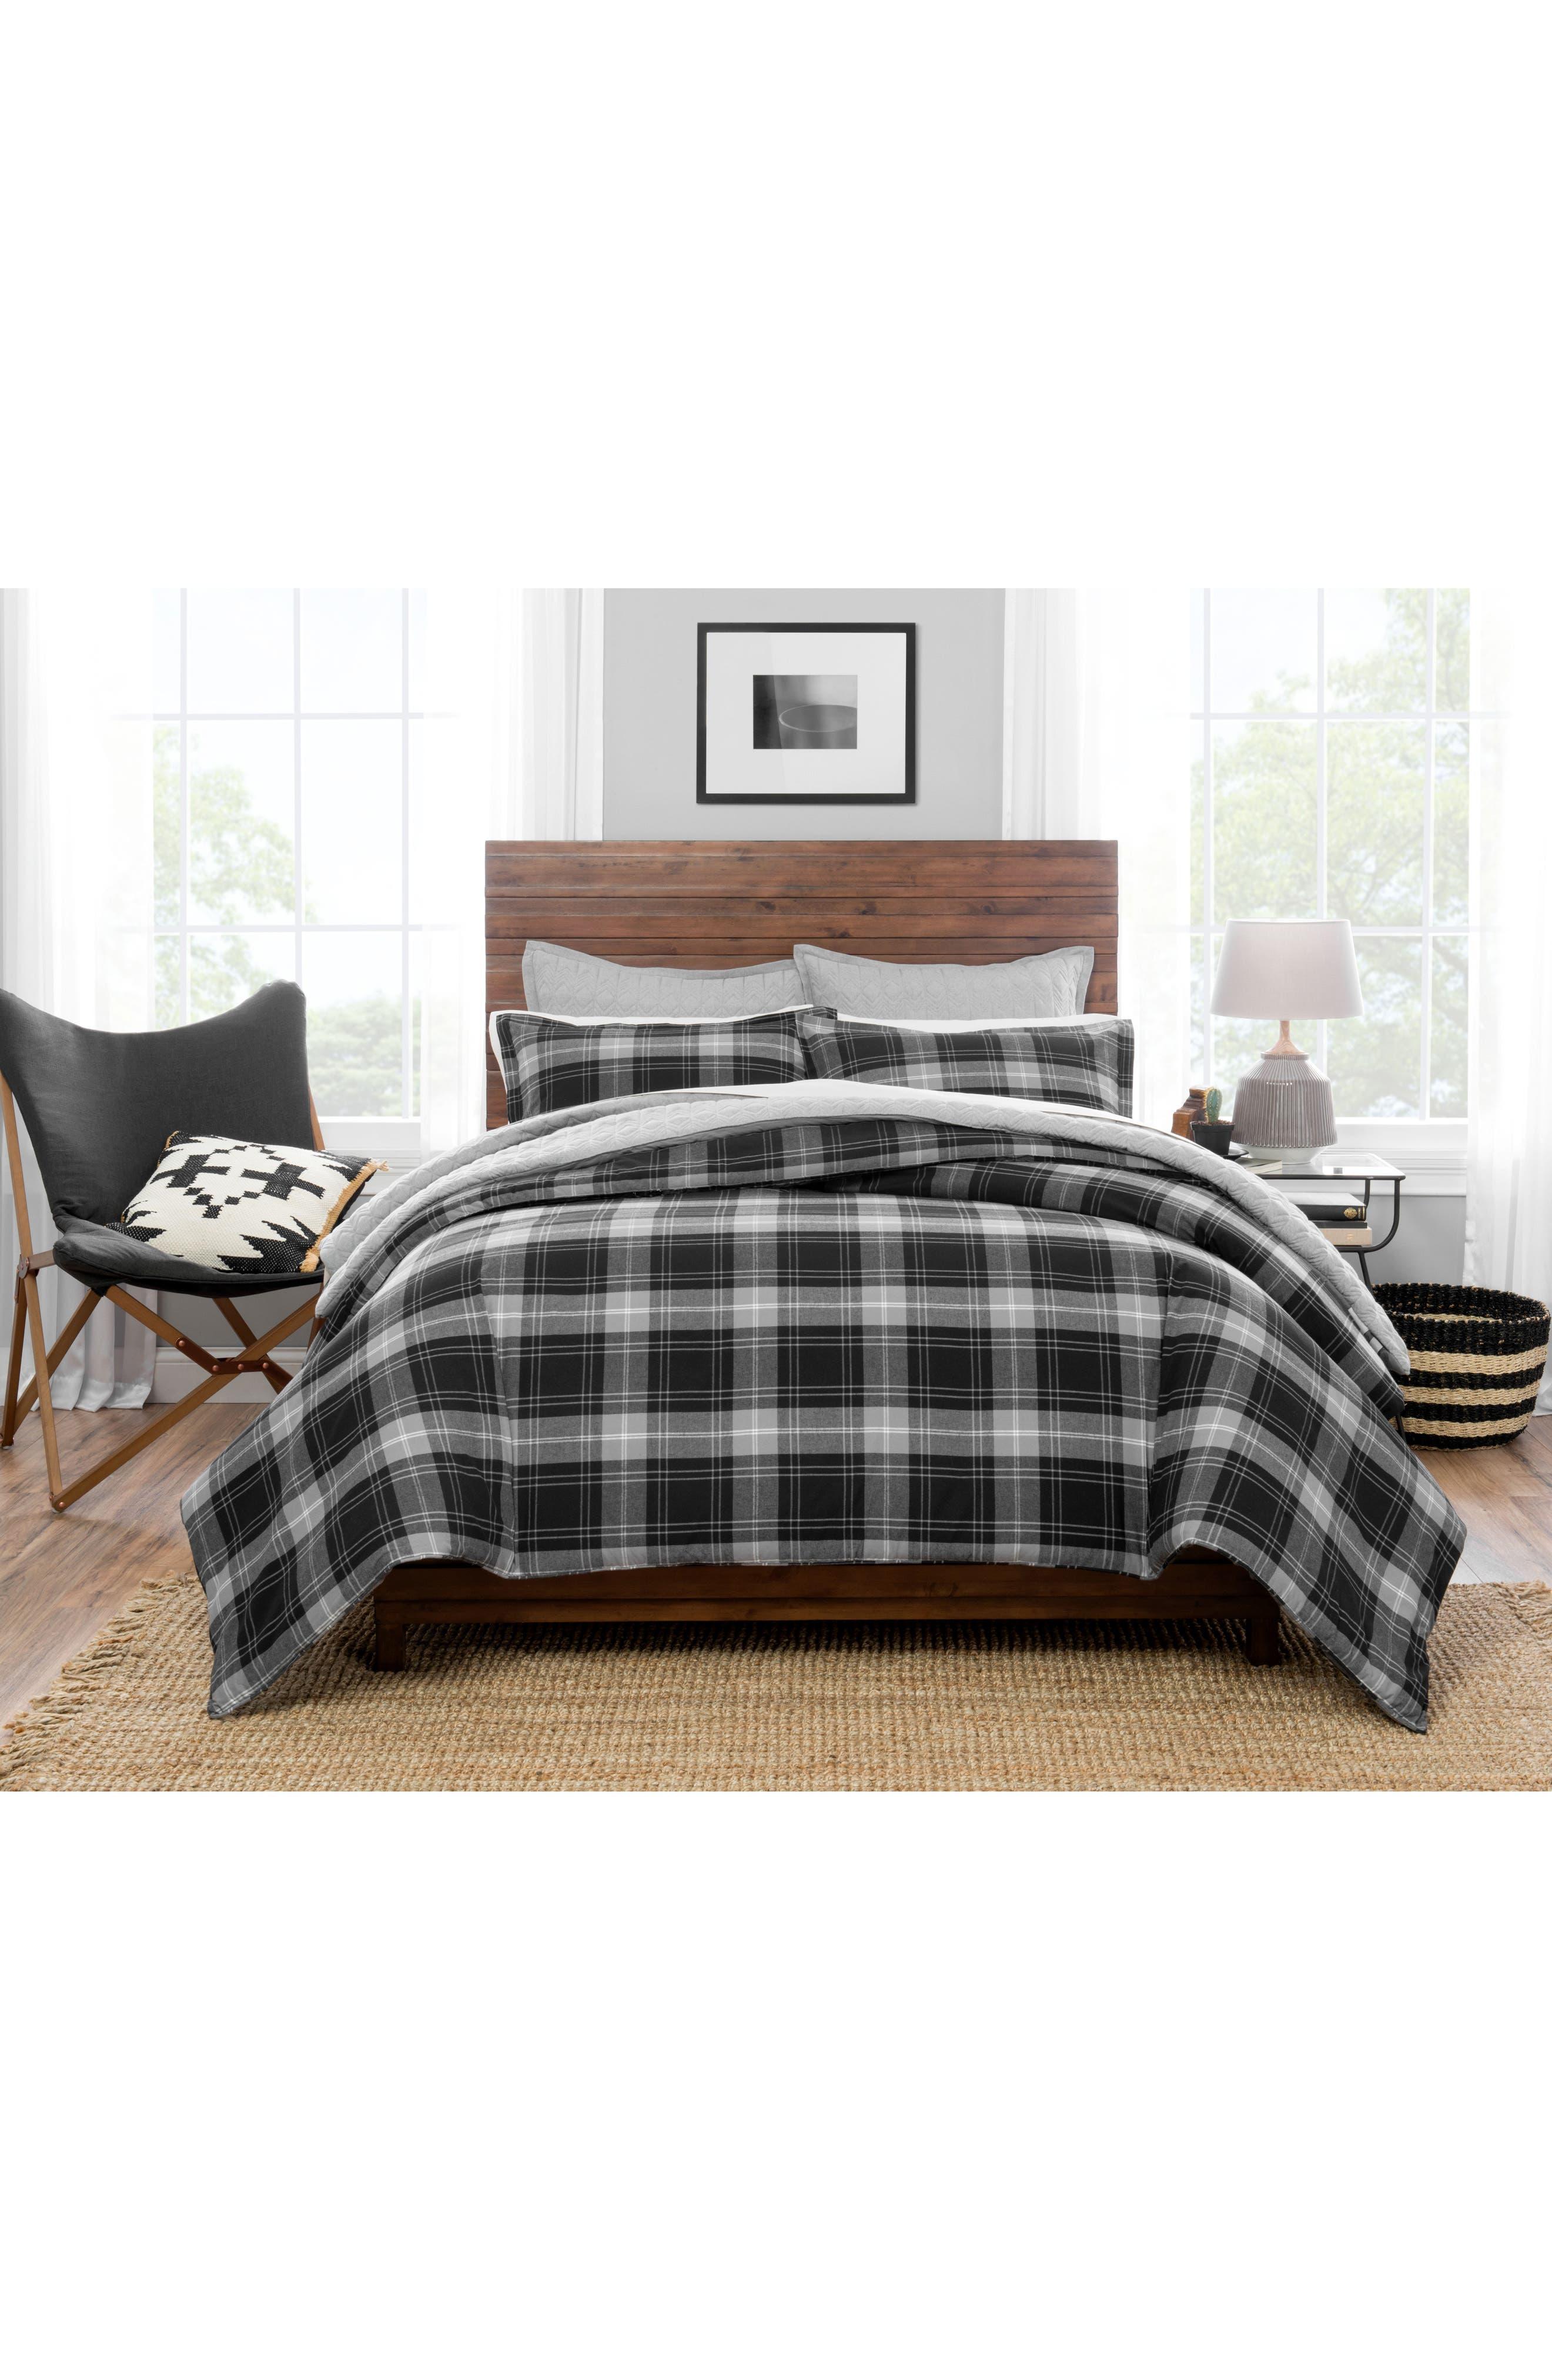 Plaid Comforter & Sham Set,                             Main thumbnail 1, color,                             MULTI